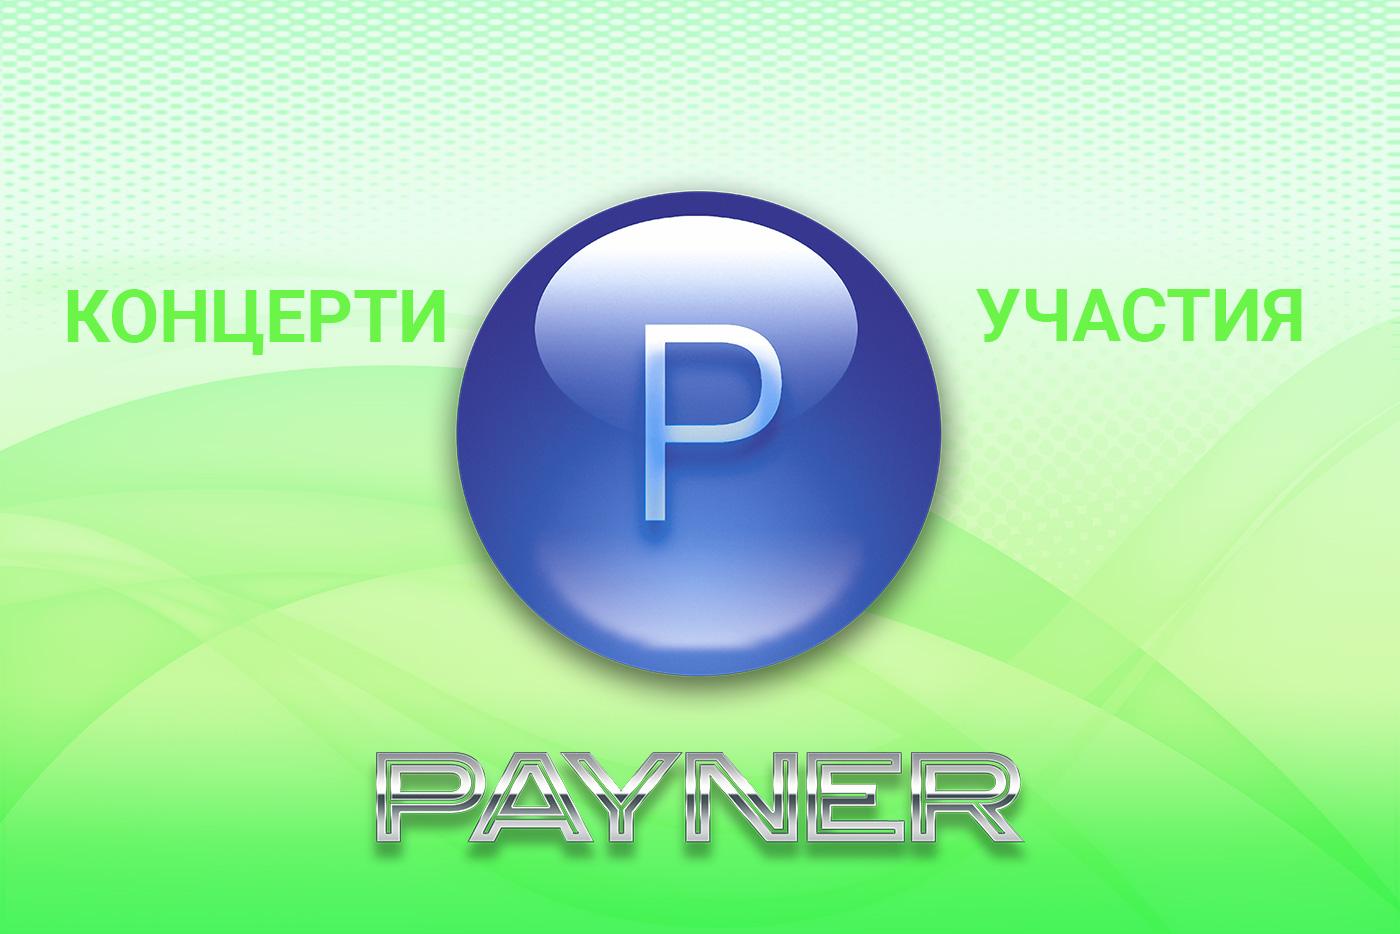 """Участия на звездите на """"Пайнер"""" на 13.06.2019"""